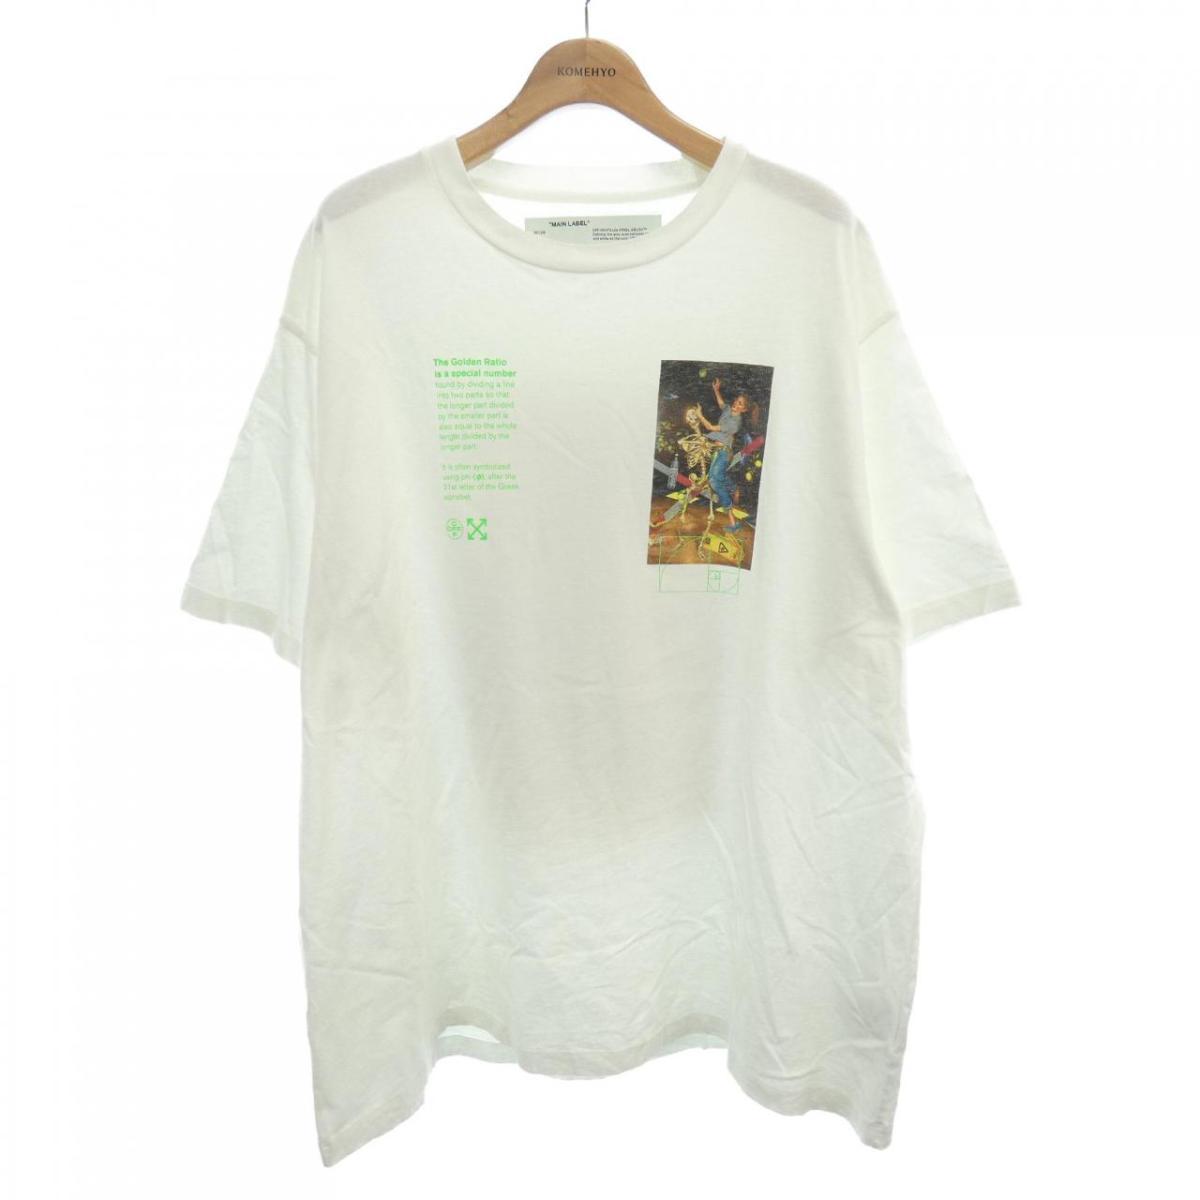 2020人気の オフホワイト OFF-WHITE Tシャツ【 OFF−WHITE オフホワイト】, アウトレットステージ21:a0c5d479 --- delipanzapatoca.com